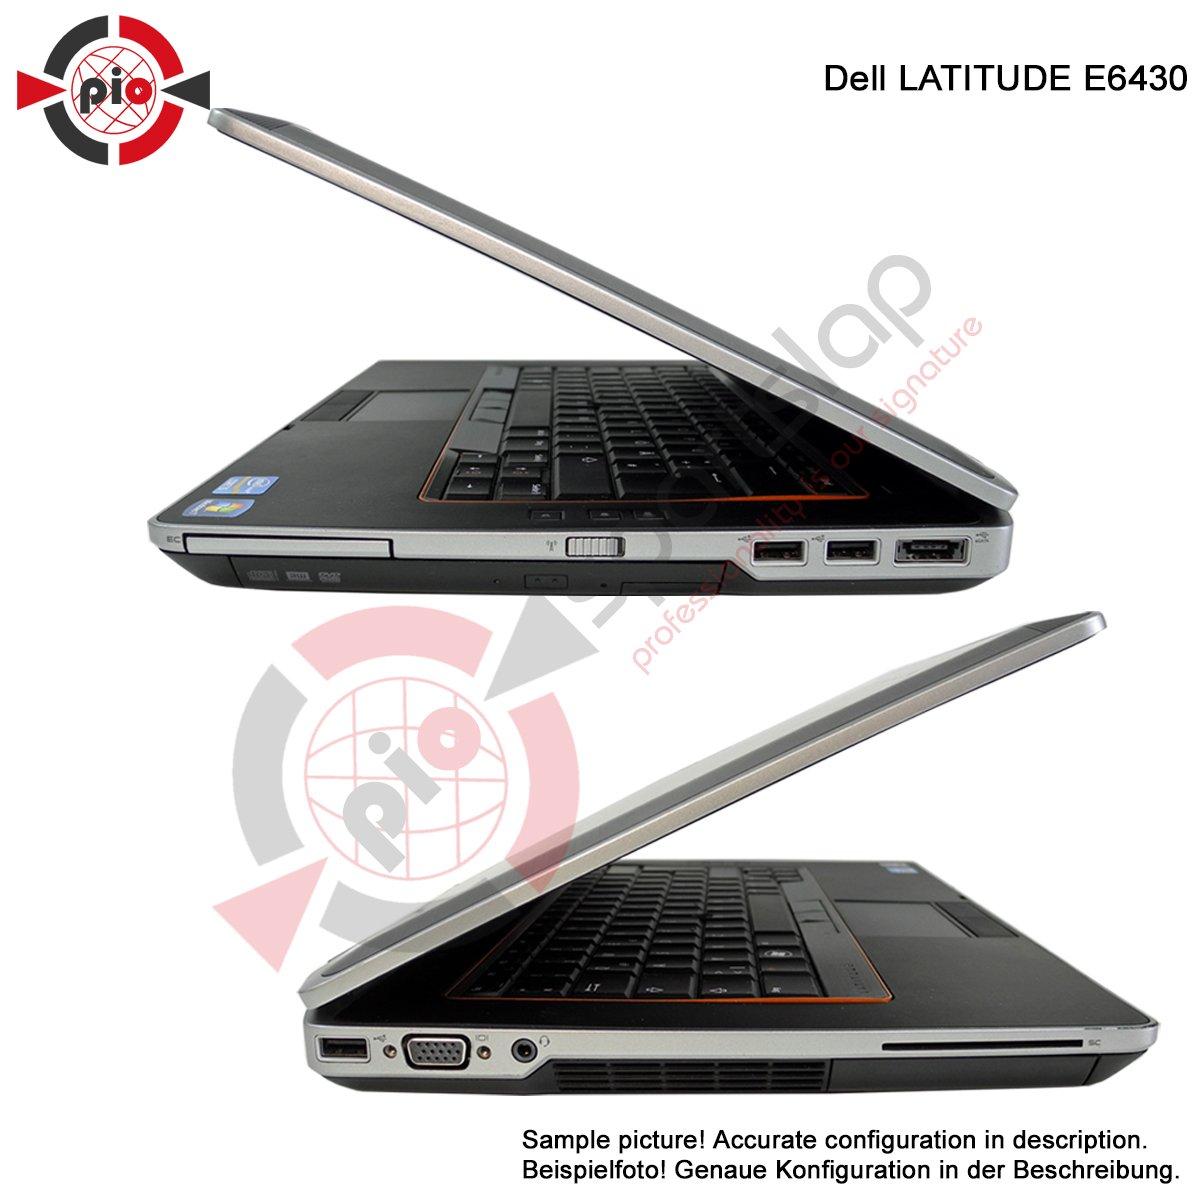 DELL Latitude E6430 14 Notebook Intel i5 - 3210 M 8 GB